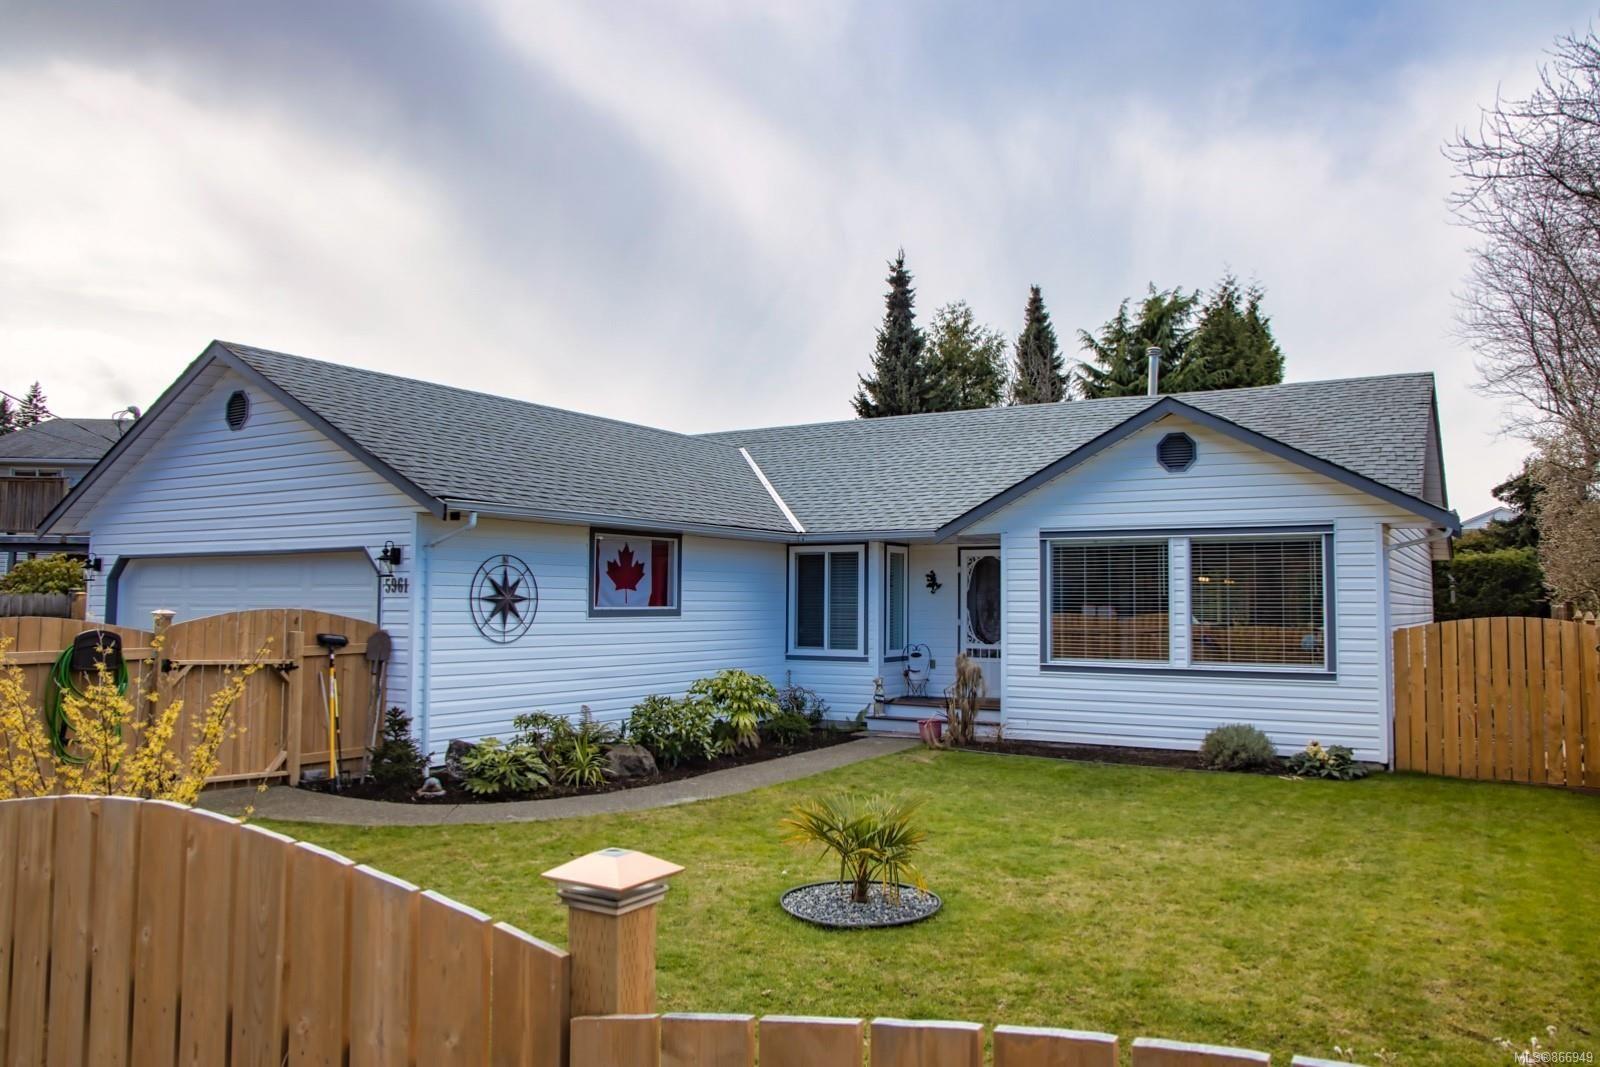 Main Photo: 5961 Sealand Rd in : Na North Nanaimo House for sale (Nanaimo)  : MLS®# 866949